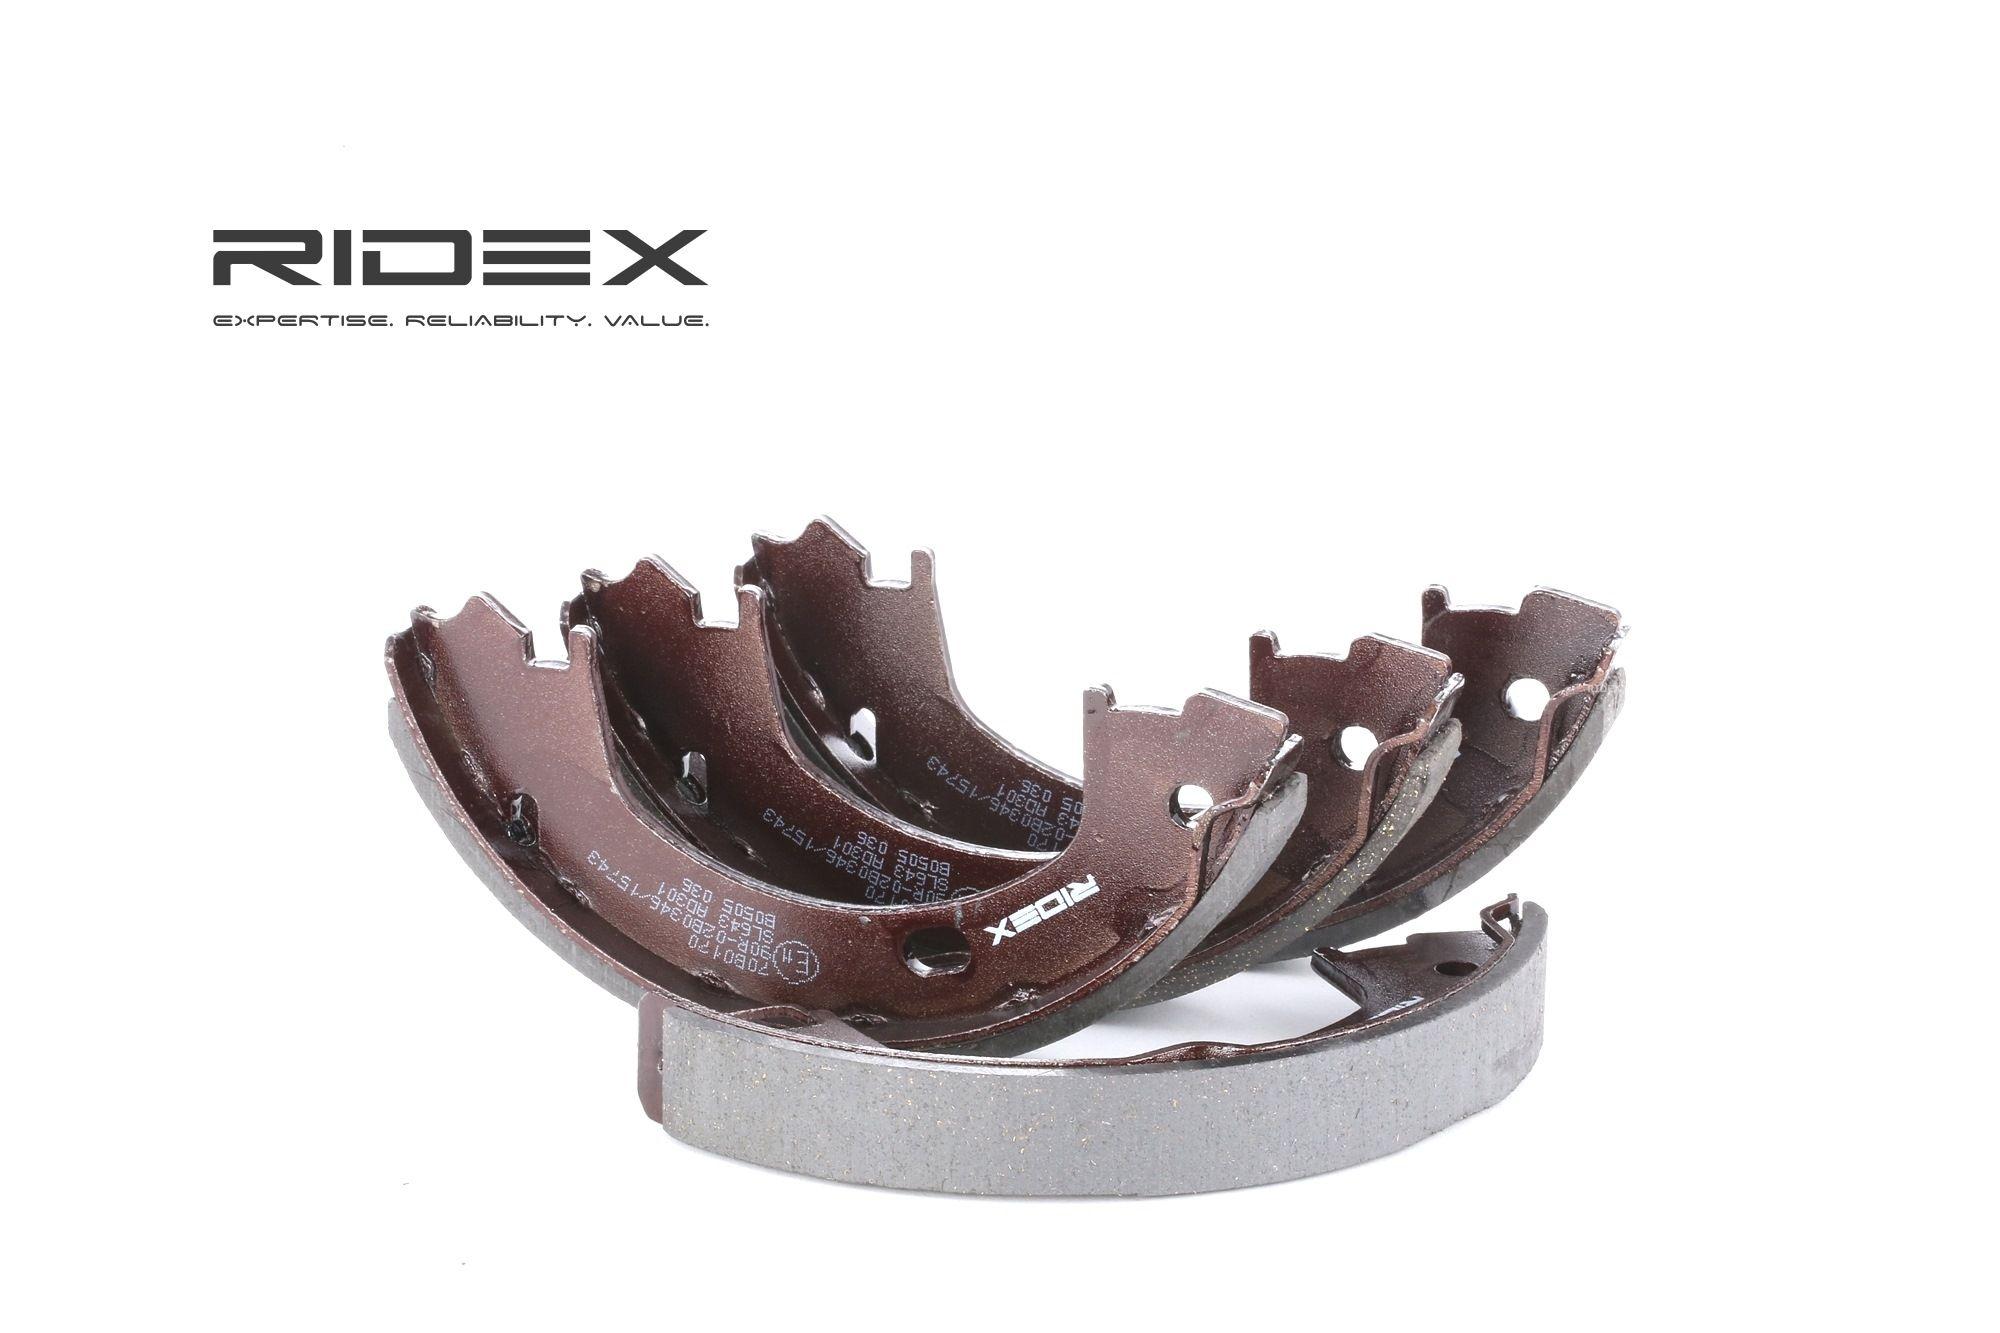 RIDEX: Original Bremsbeläge für Trommelbremsen 70B0170 (Breite: 20mm)